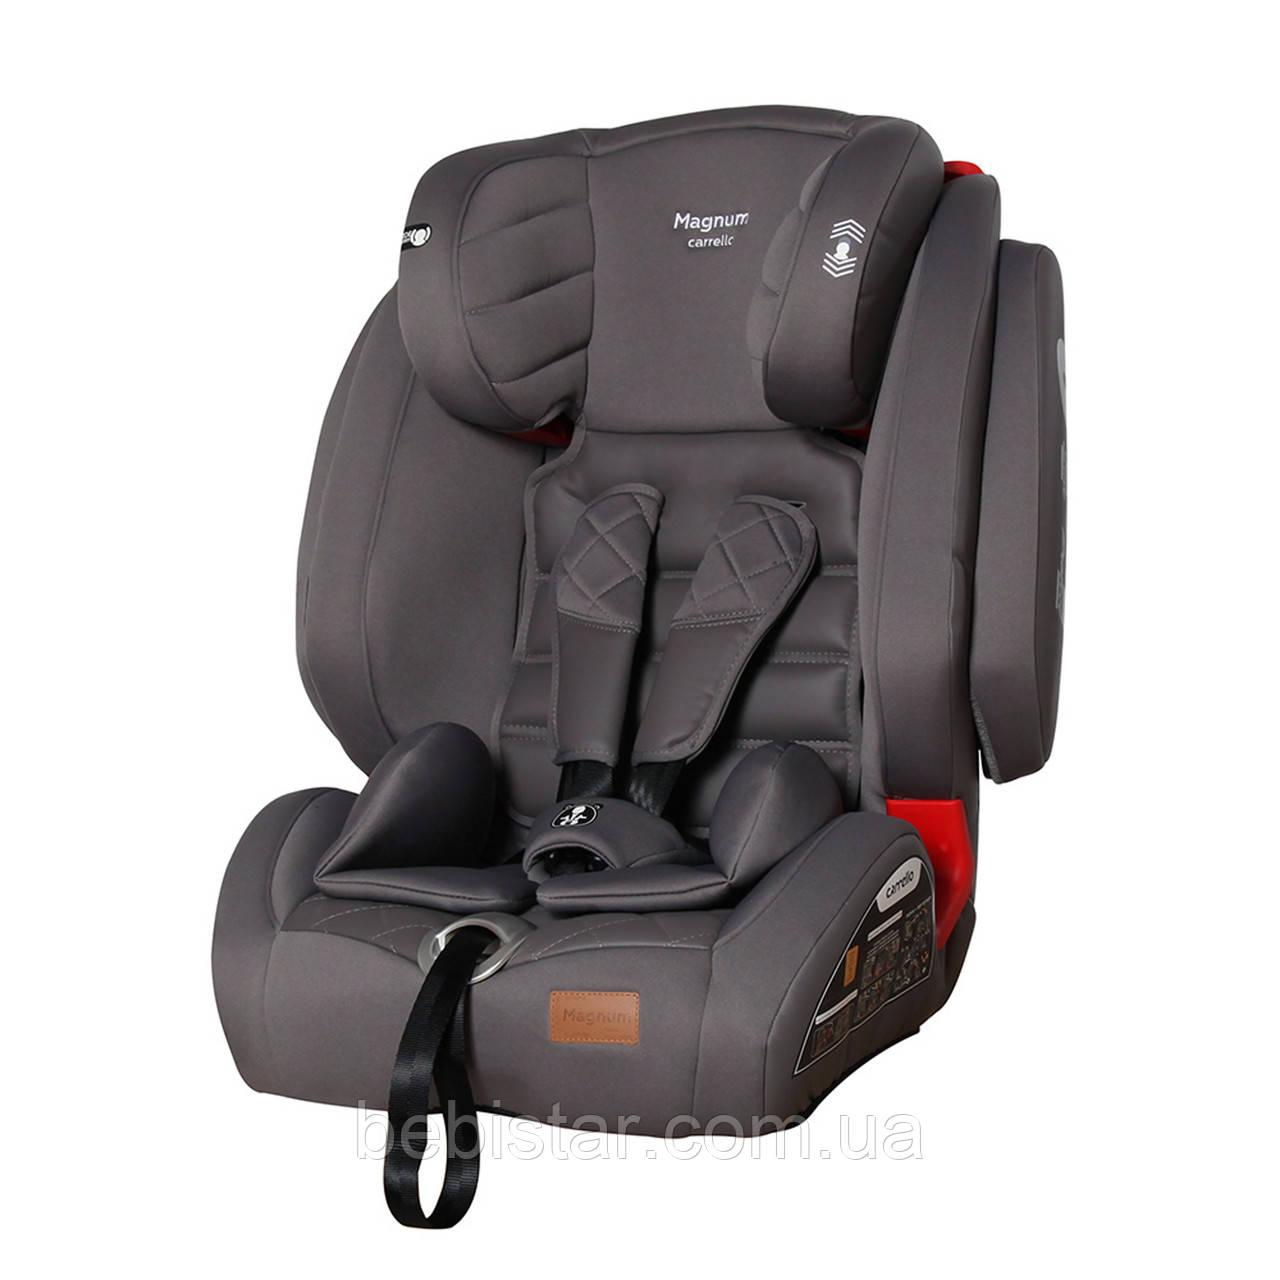 Детское автокресло серое с системой Isofix CARRELLO Magnum CRL-9802 Black Panther детям от 1 до 12 лет